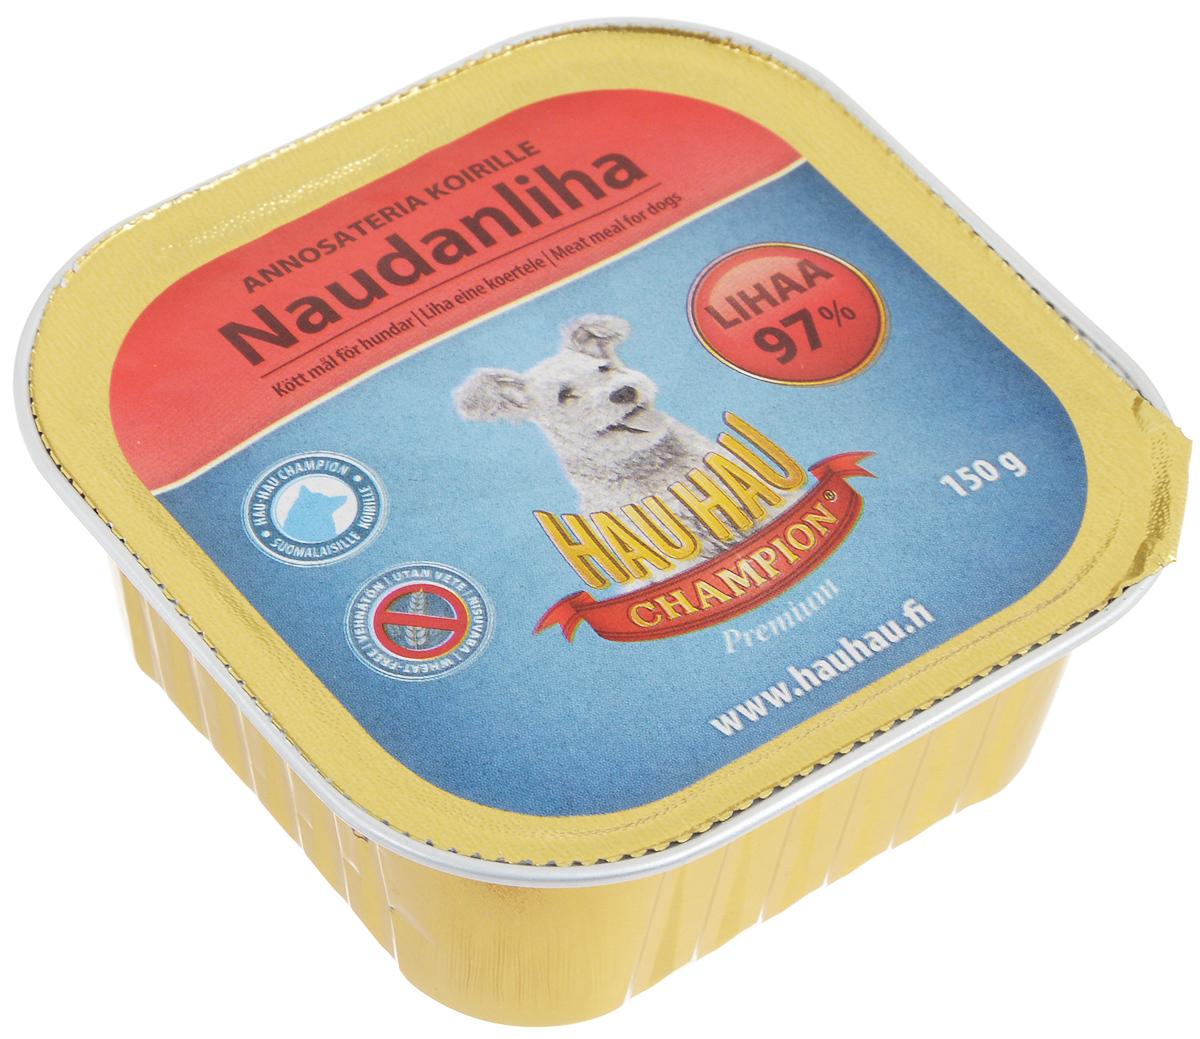 Консервы Hau-Hau Champion для собак, с говядиной, 150 г81203Консервы Hau-Hau Champion - это полноценный корм для собак любого возраста. Не содержит сои, пшеницы, пищевых добавок и красителей. Благодаря большому содержанию мяса продукт легко усваивается. Консервы можно давать собаке отдельно, так как они содержат все необходимые питательные вещества, или же смешивать с сухим кормом, чтобы сделать его еще более вкусным.Состав: мясо и продукты животного происхождения 97% (20% говядина), кукуруза, витамины и минералы.Питательная ценность: влажность 80%, белок 9%, масла и жиры 6%, пепел 3%, клетчатка 0,5%.Витамины и минералы: витамин А 3000 МЕ, витамин D3 300 МЕ, цинк 16 мг, железо 6,5 мг, медь 0,1 мг.Товар сертифицирован.Чем кормить пожилых собак: советы ветеринара. Статья OZON Гид